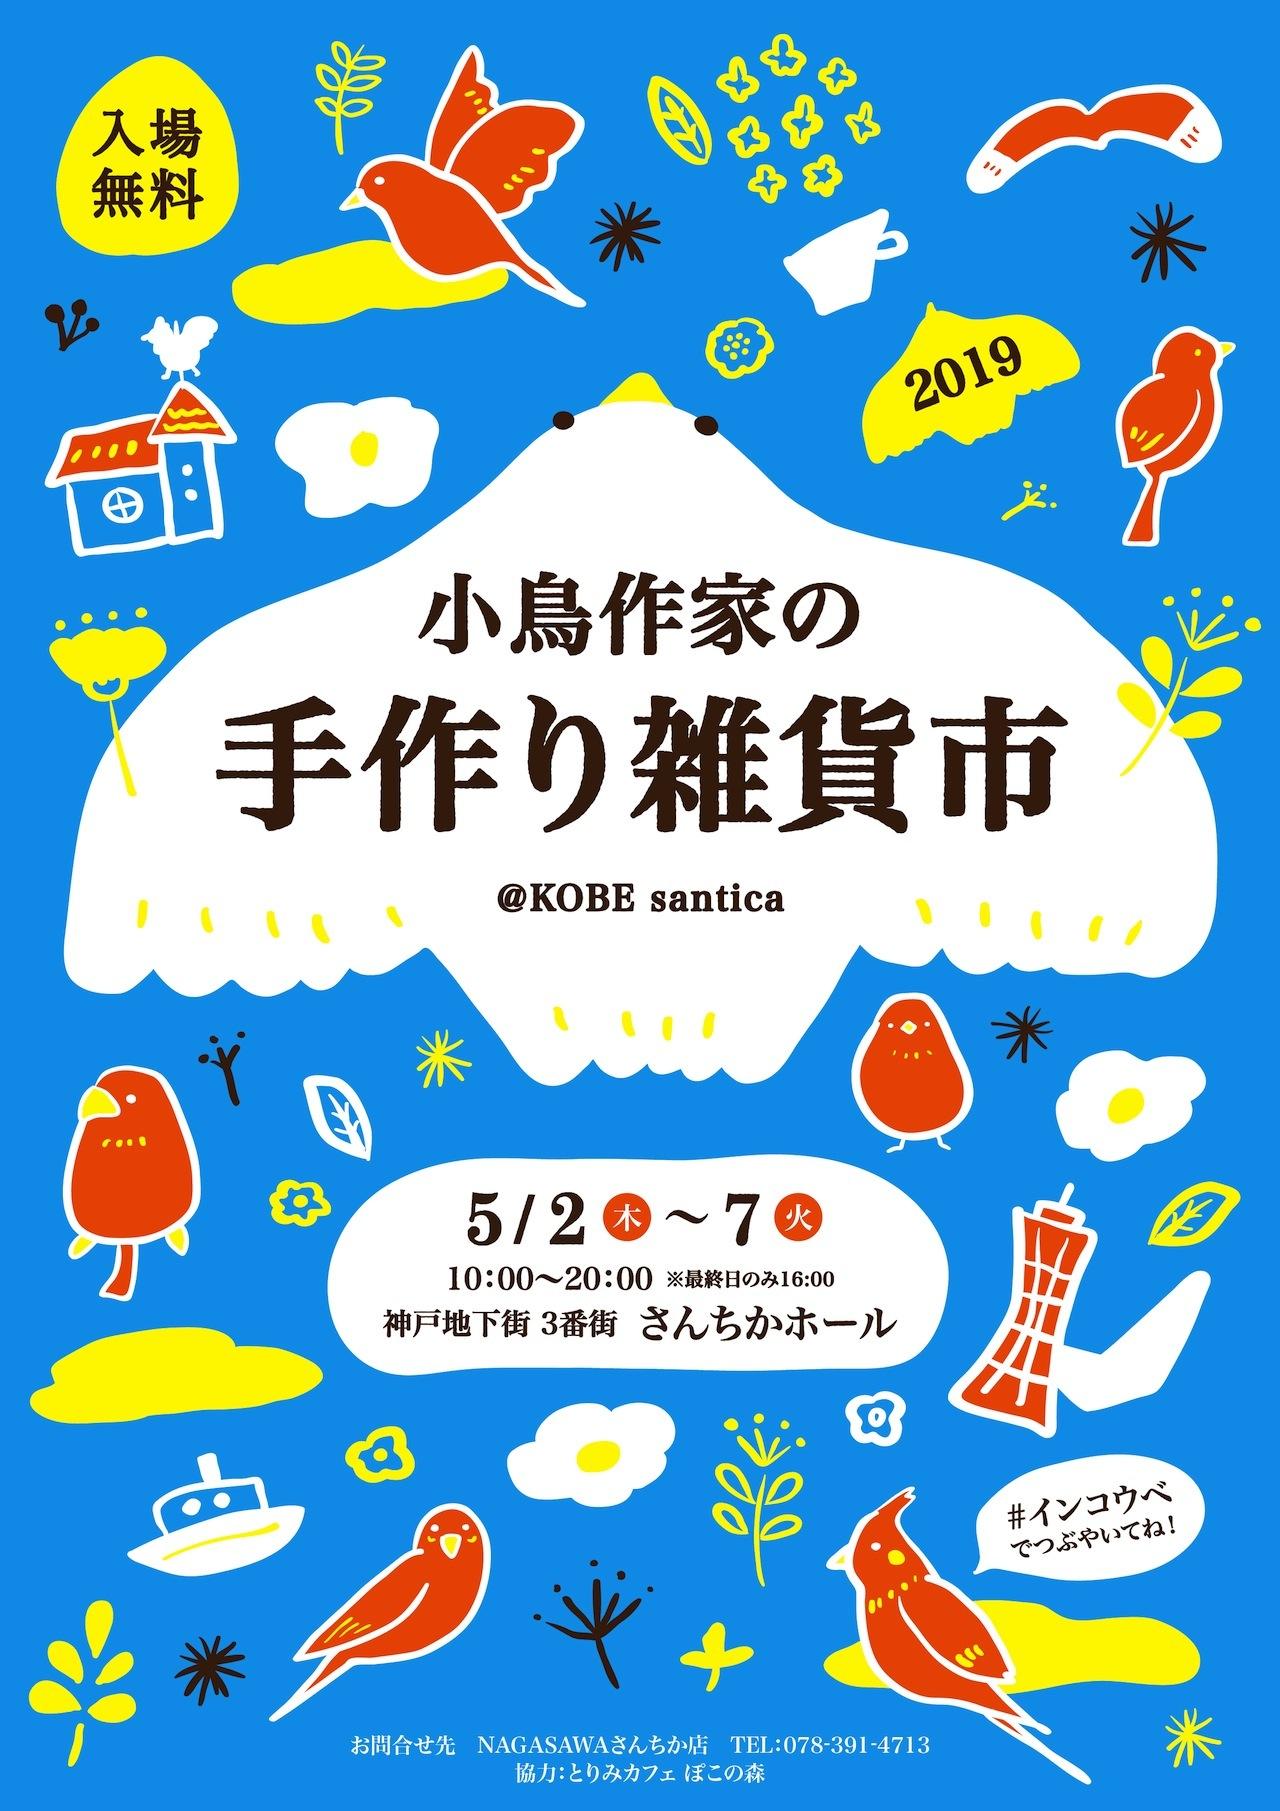 【さんちか店】小鳥さん好きの小鳥作家さんによる小鳥好きさんのための手作り雑貨市!